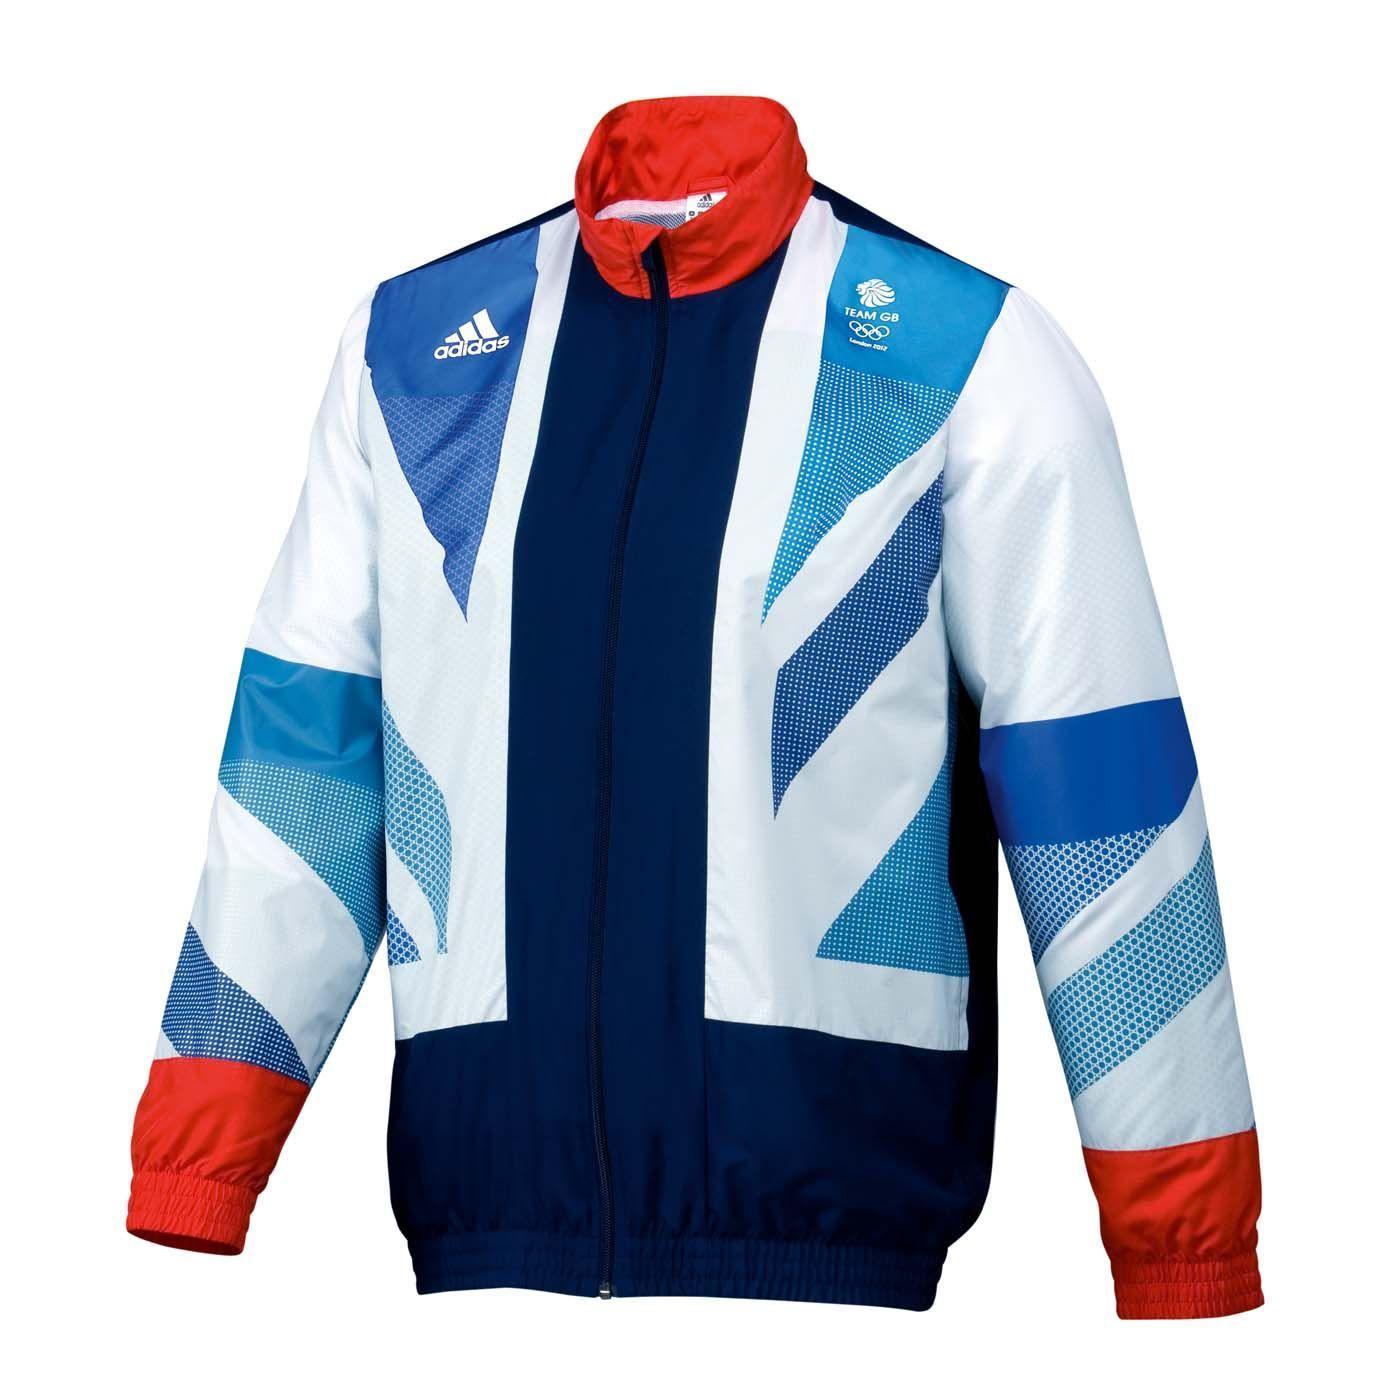 Team GB Adidas Olympic Jacket Two Shot Stella McCartney